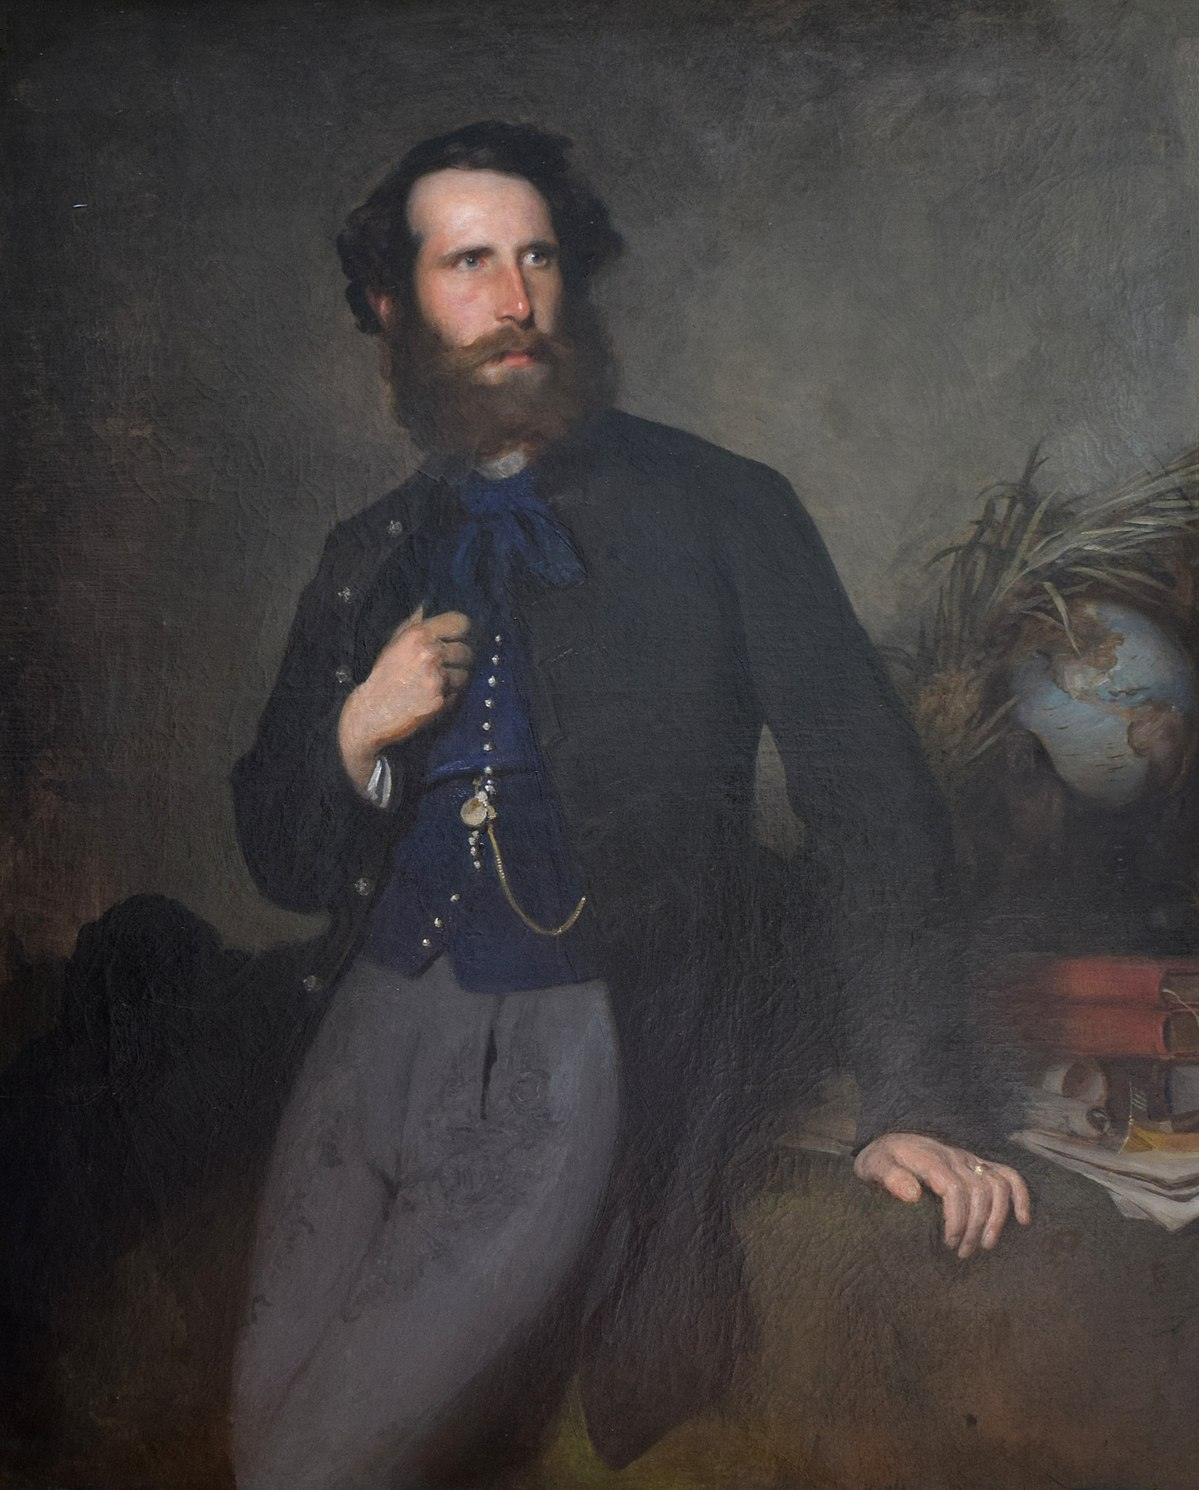 Alexander von agoston